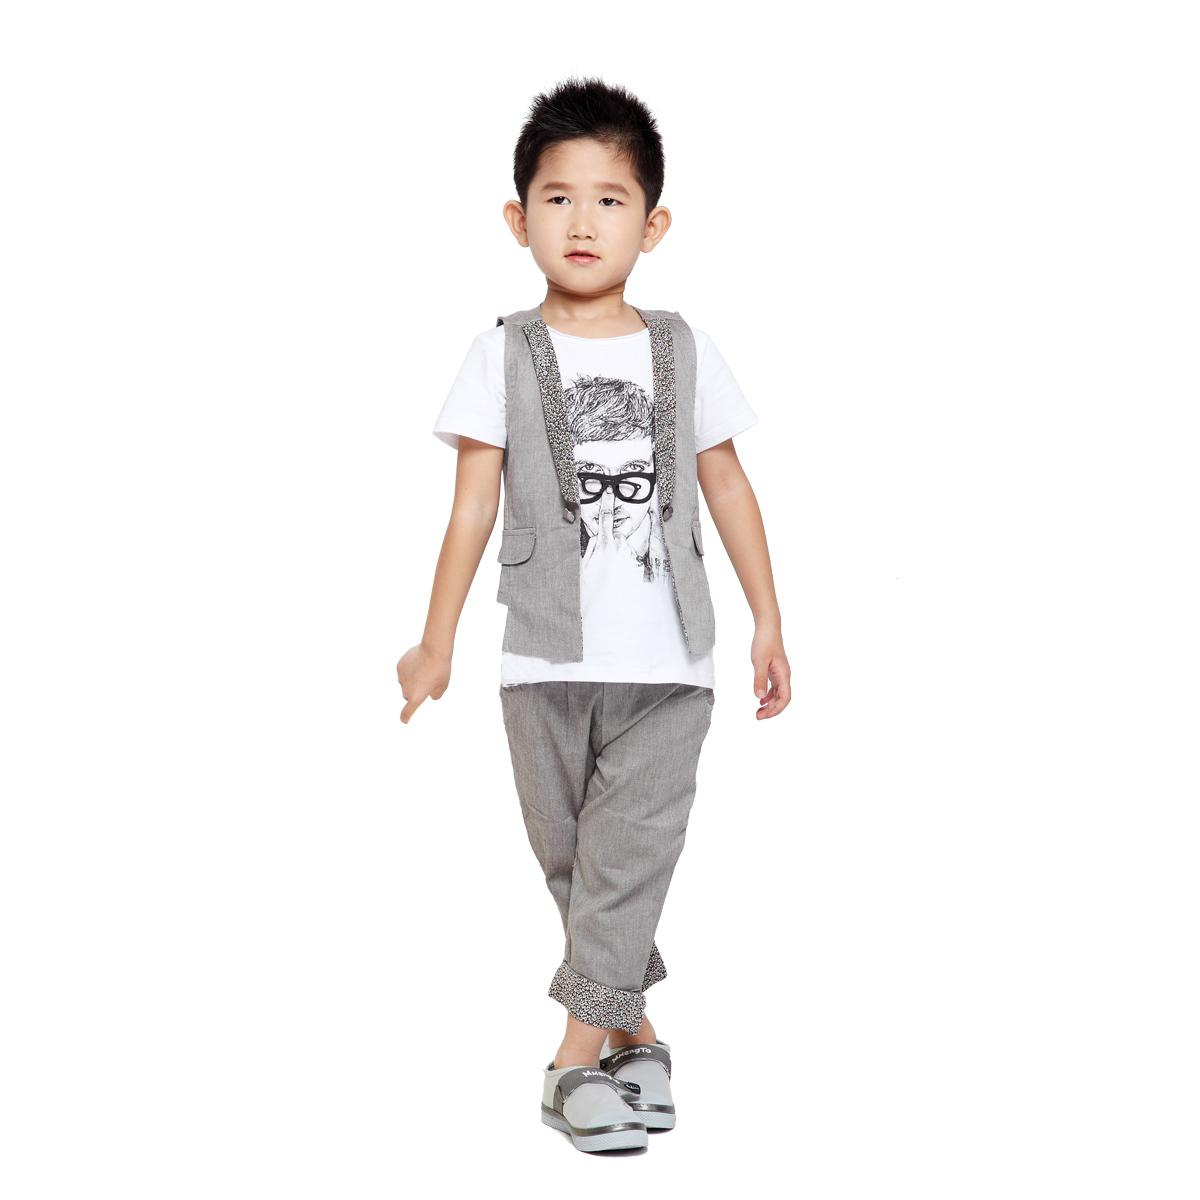 集分宝 夏季新款韩版套装 男童绅士王子花童马甲/礼服 韩版套装